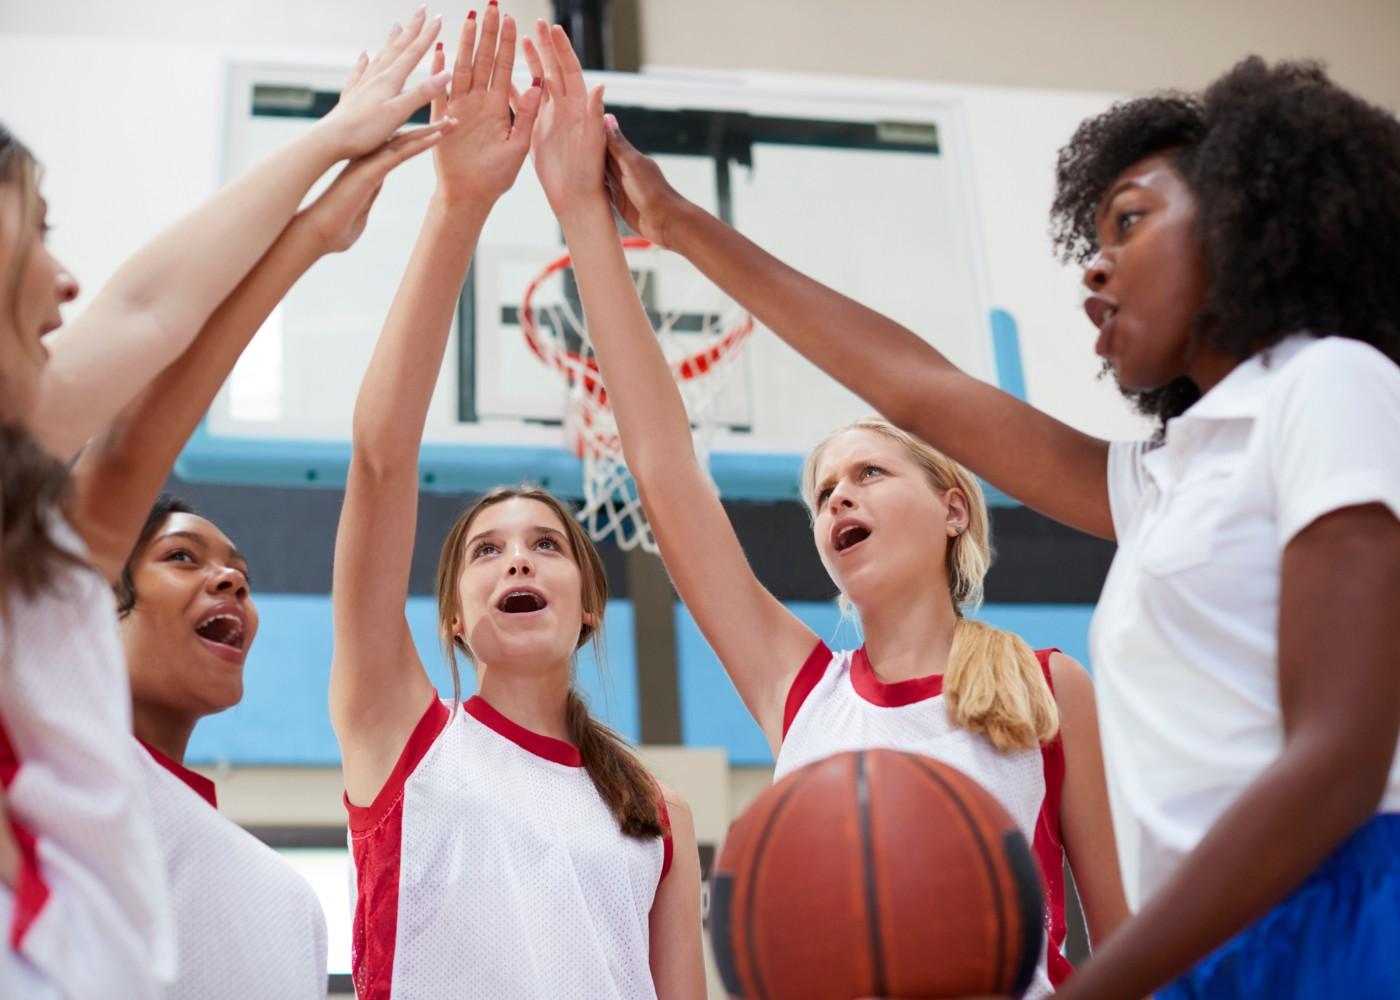 equipa feminina de basquetebol a iniciar o treino